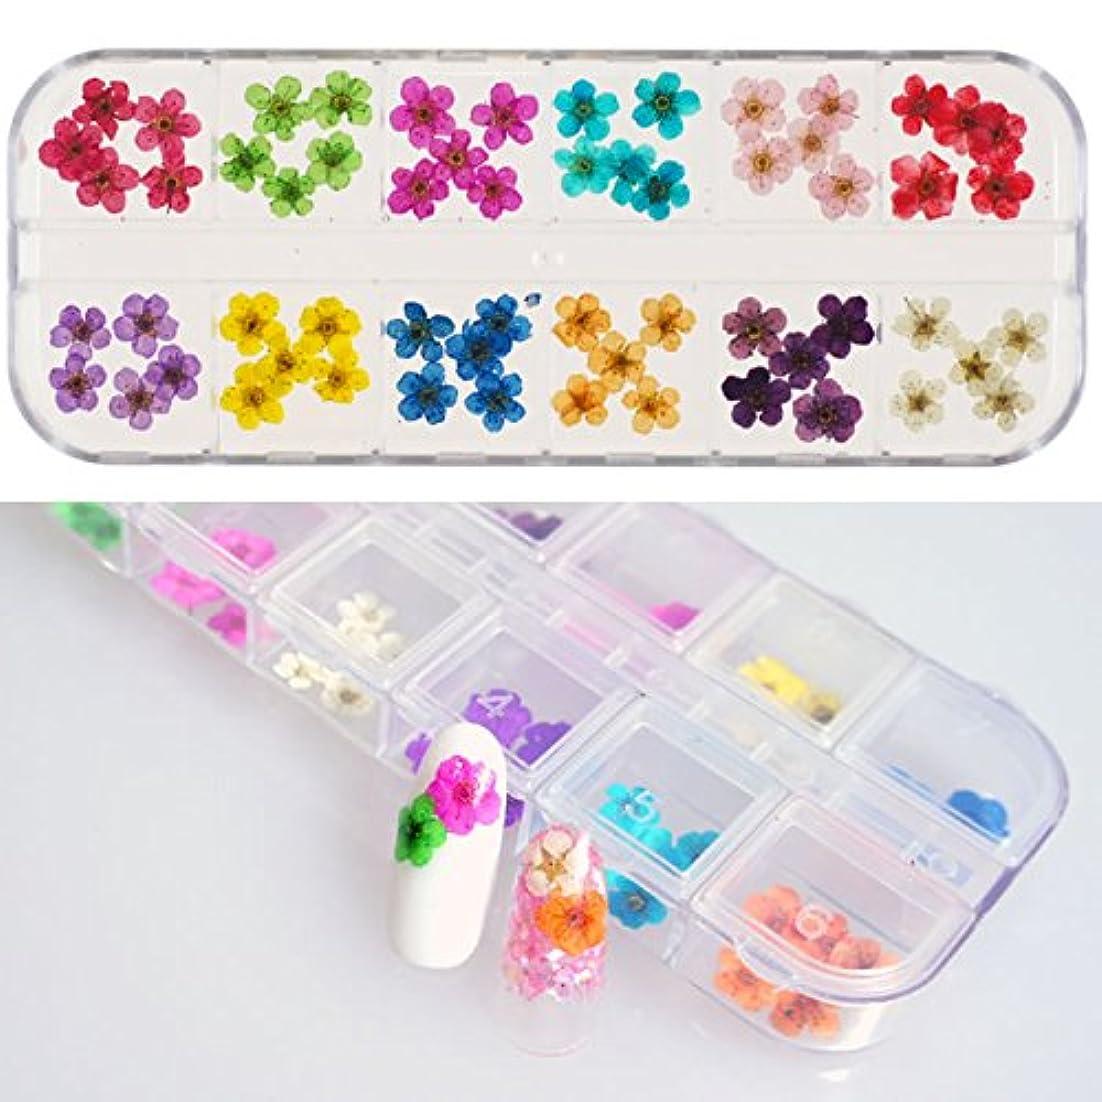 コードレス文化機械的にネイルサイズの小さい花だけ 本物の押し花60枚セットケース入リアルドライフラワー ジェルネイルに埋め込み